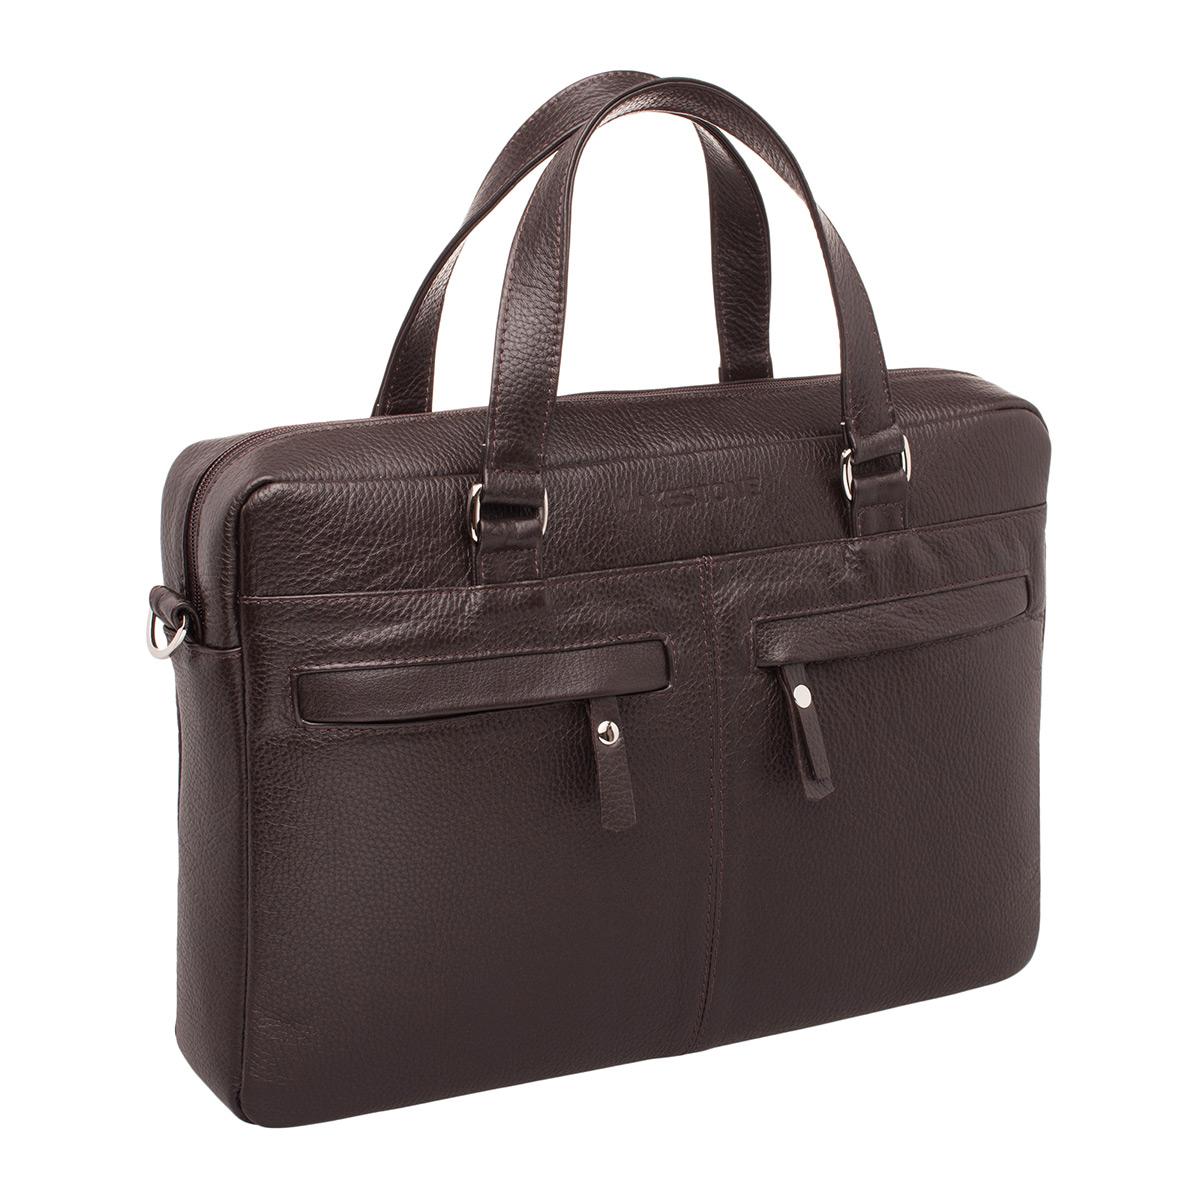 Портфель мужской кожаный Lakestone 9210 коричневый фото